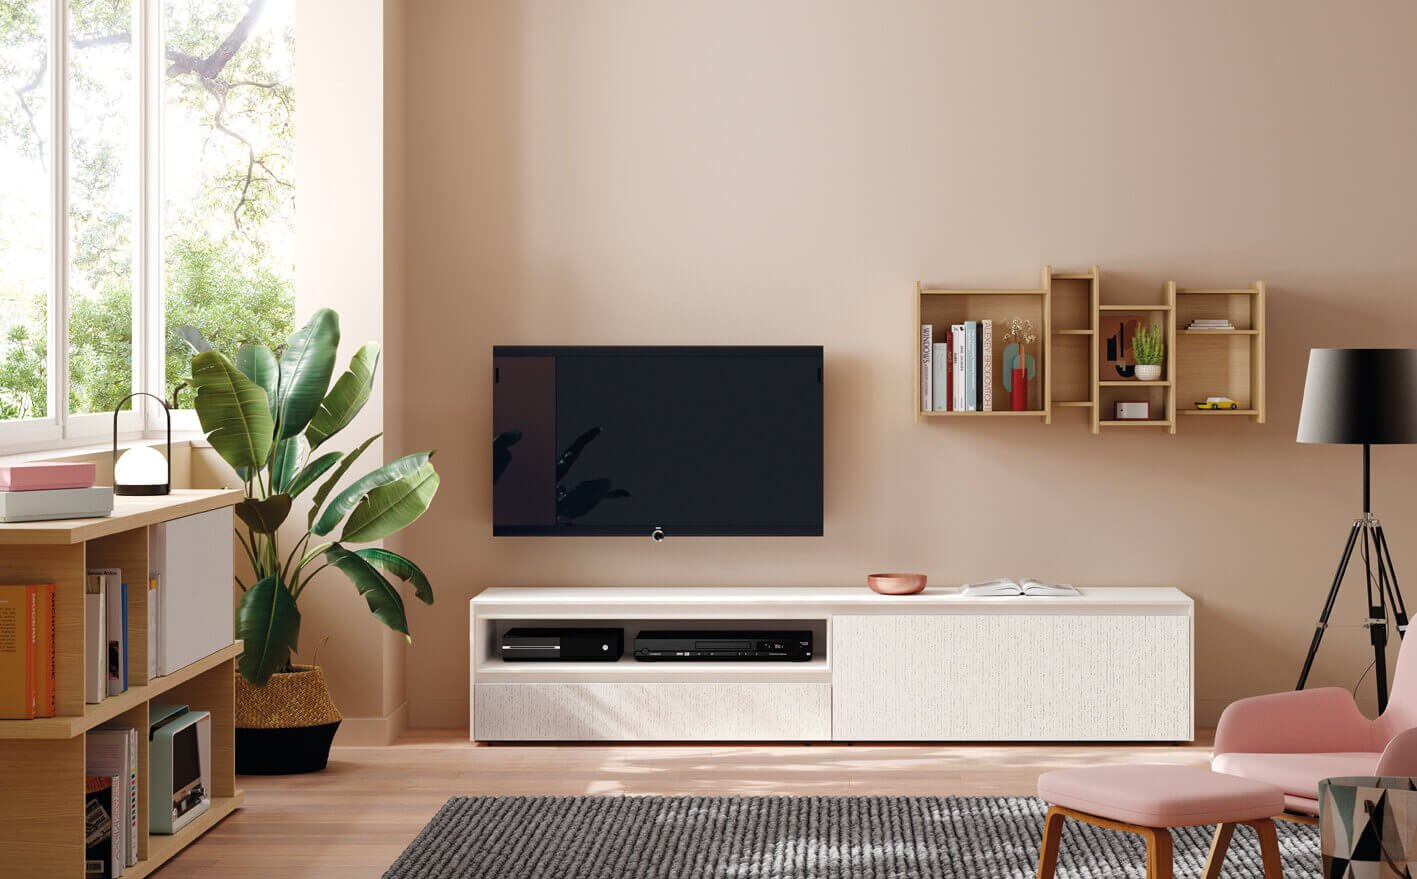 Petite Estante e Móvel Tv - Móveis Sala de Estar por Medida Crispalmóvel